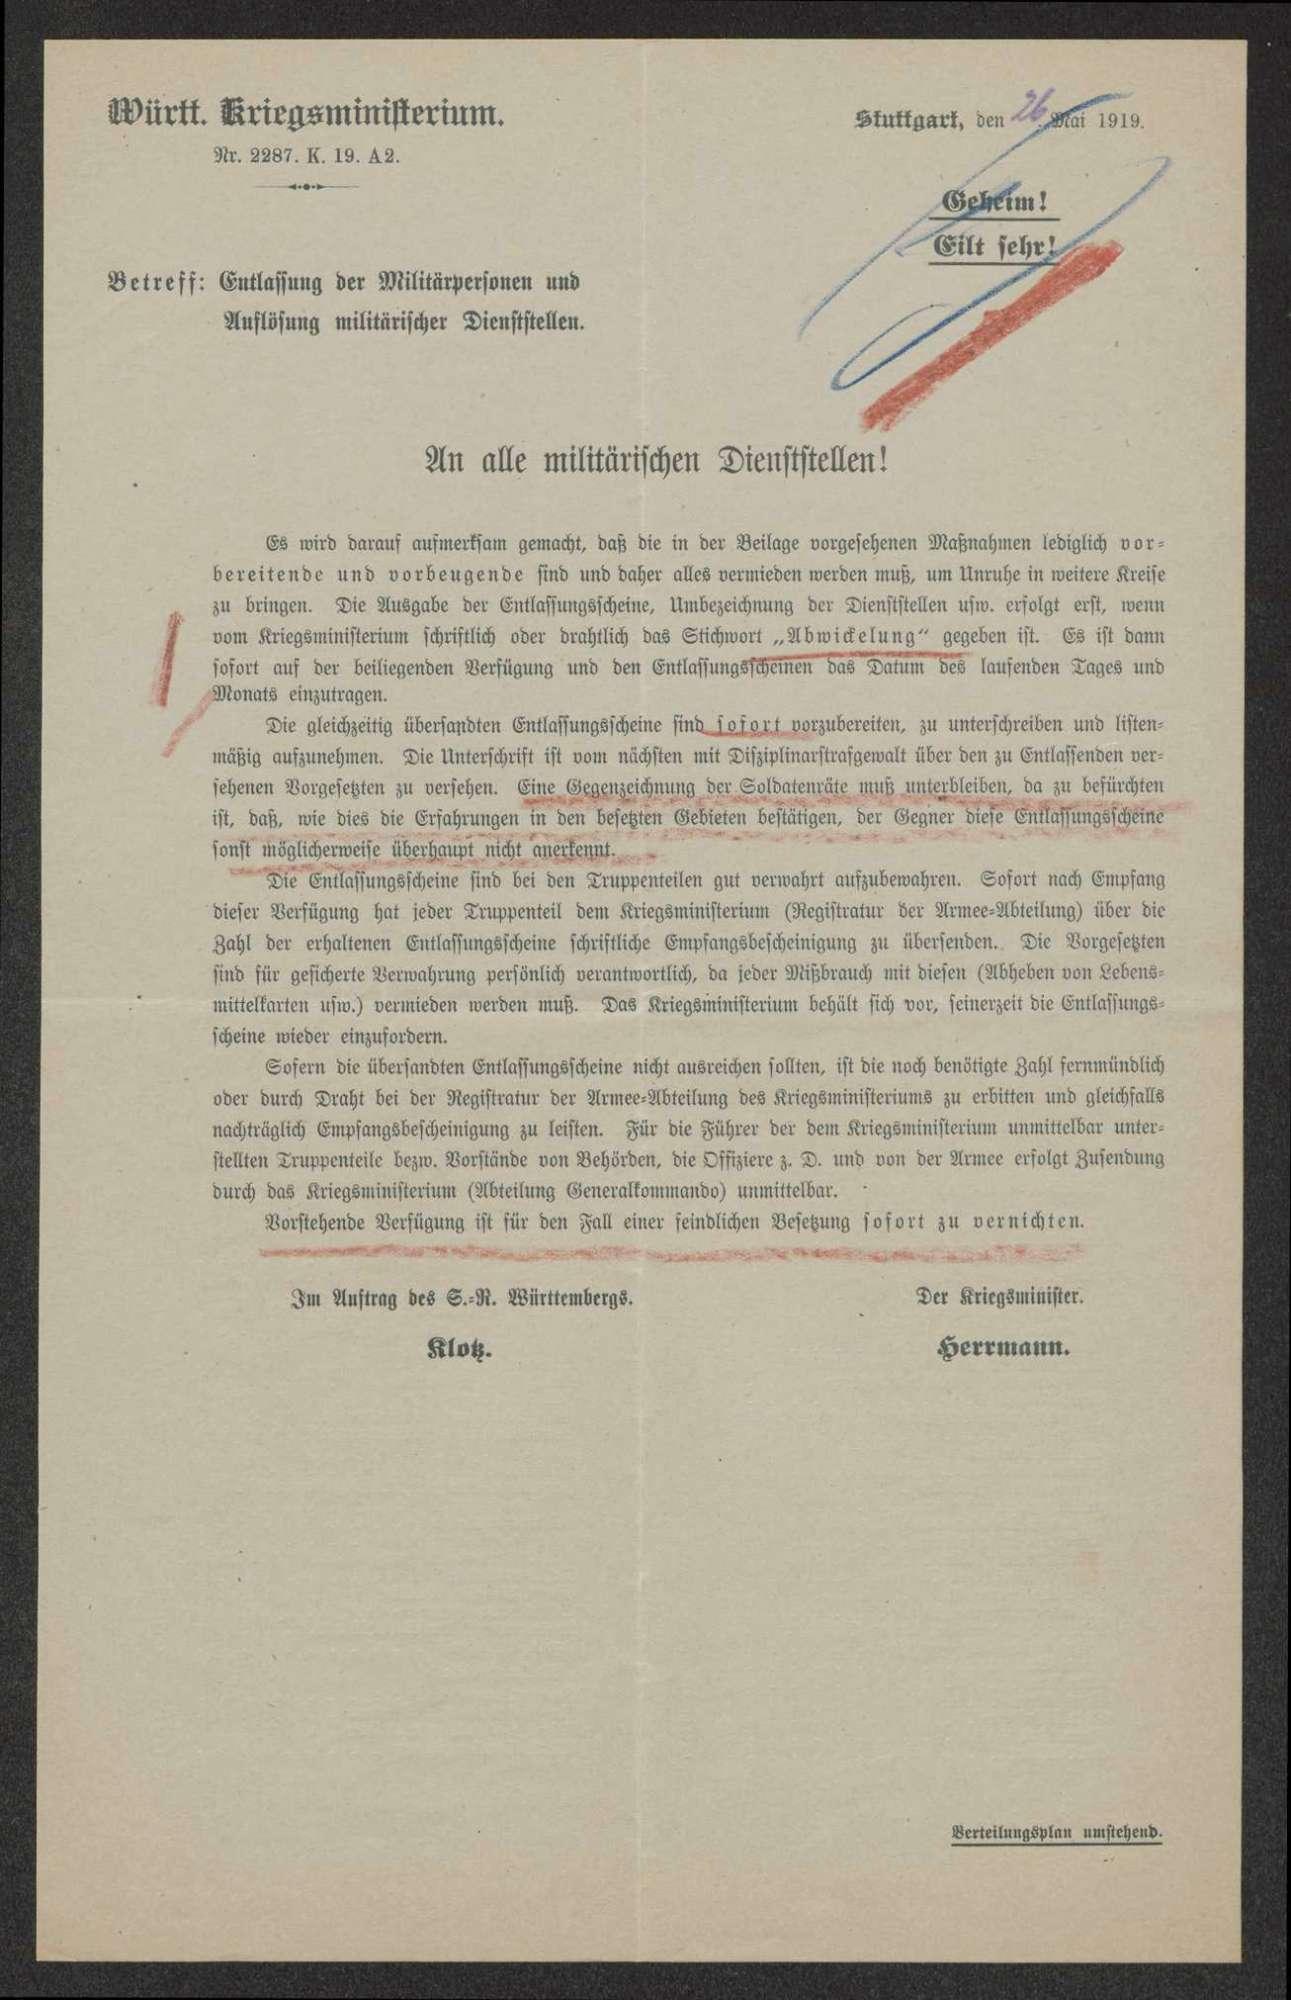 Erlasse des Württembergischen Kriegsministeriums über Maßnahmen im Falle einer Nichtunterzeichnung der Friedensbedingungen, Bild 3